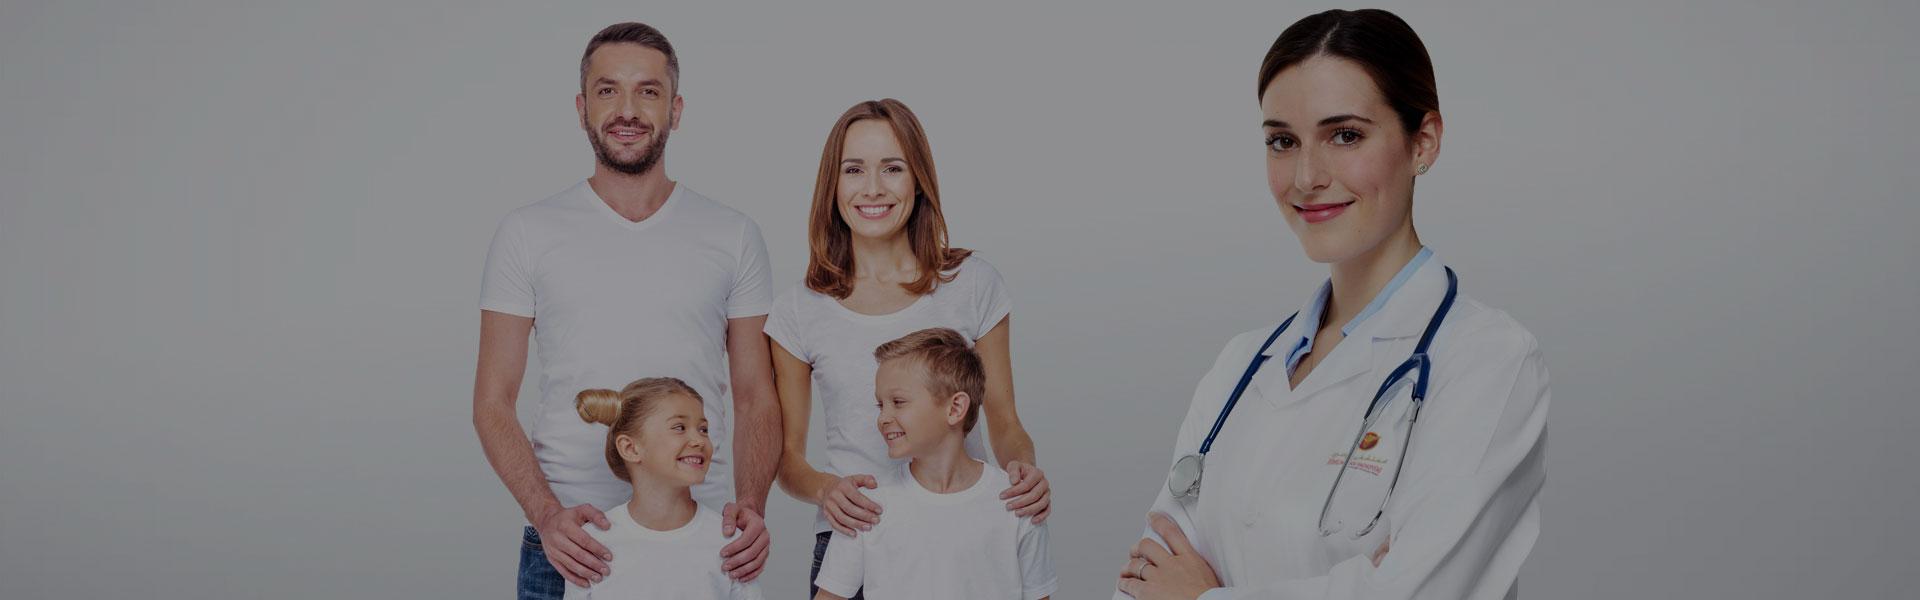 Patient-Centric Services